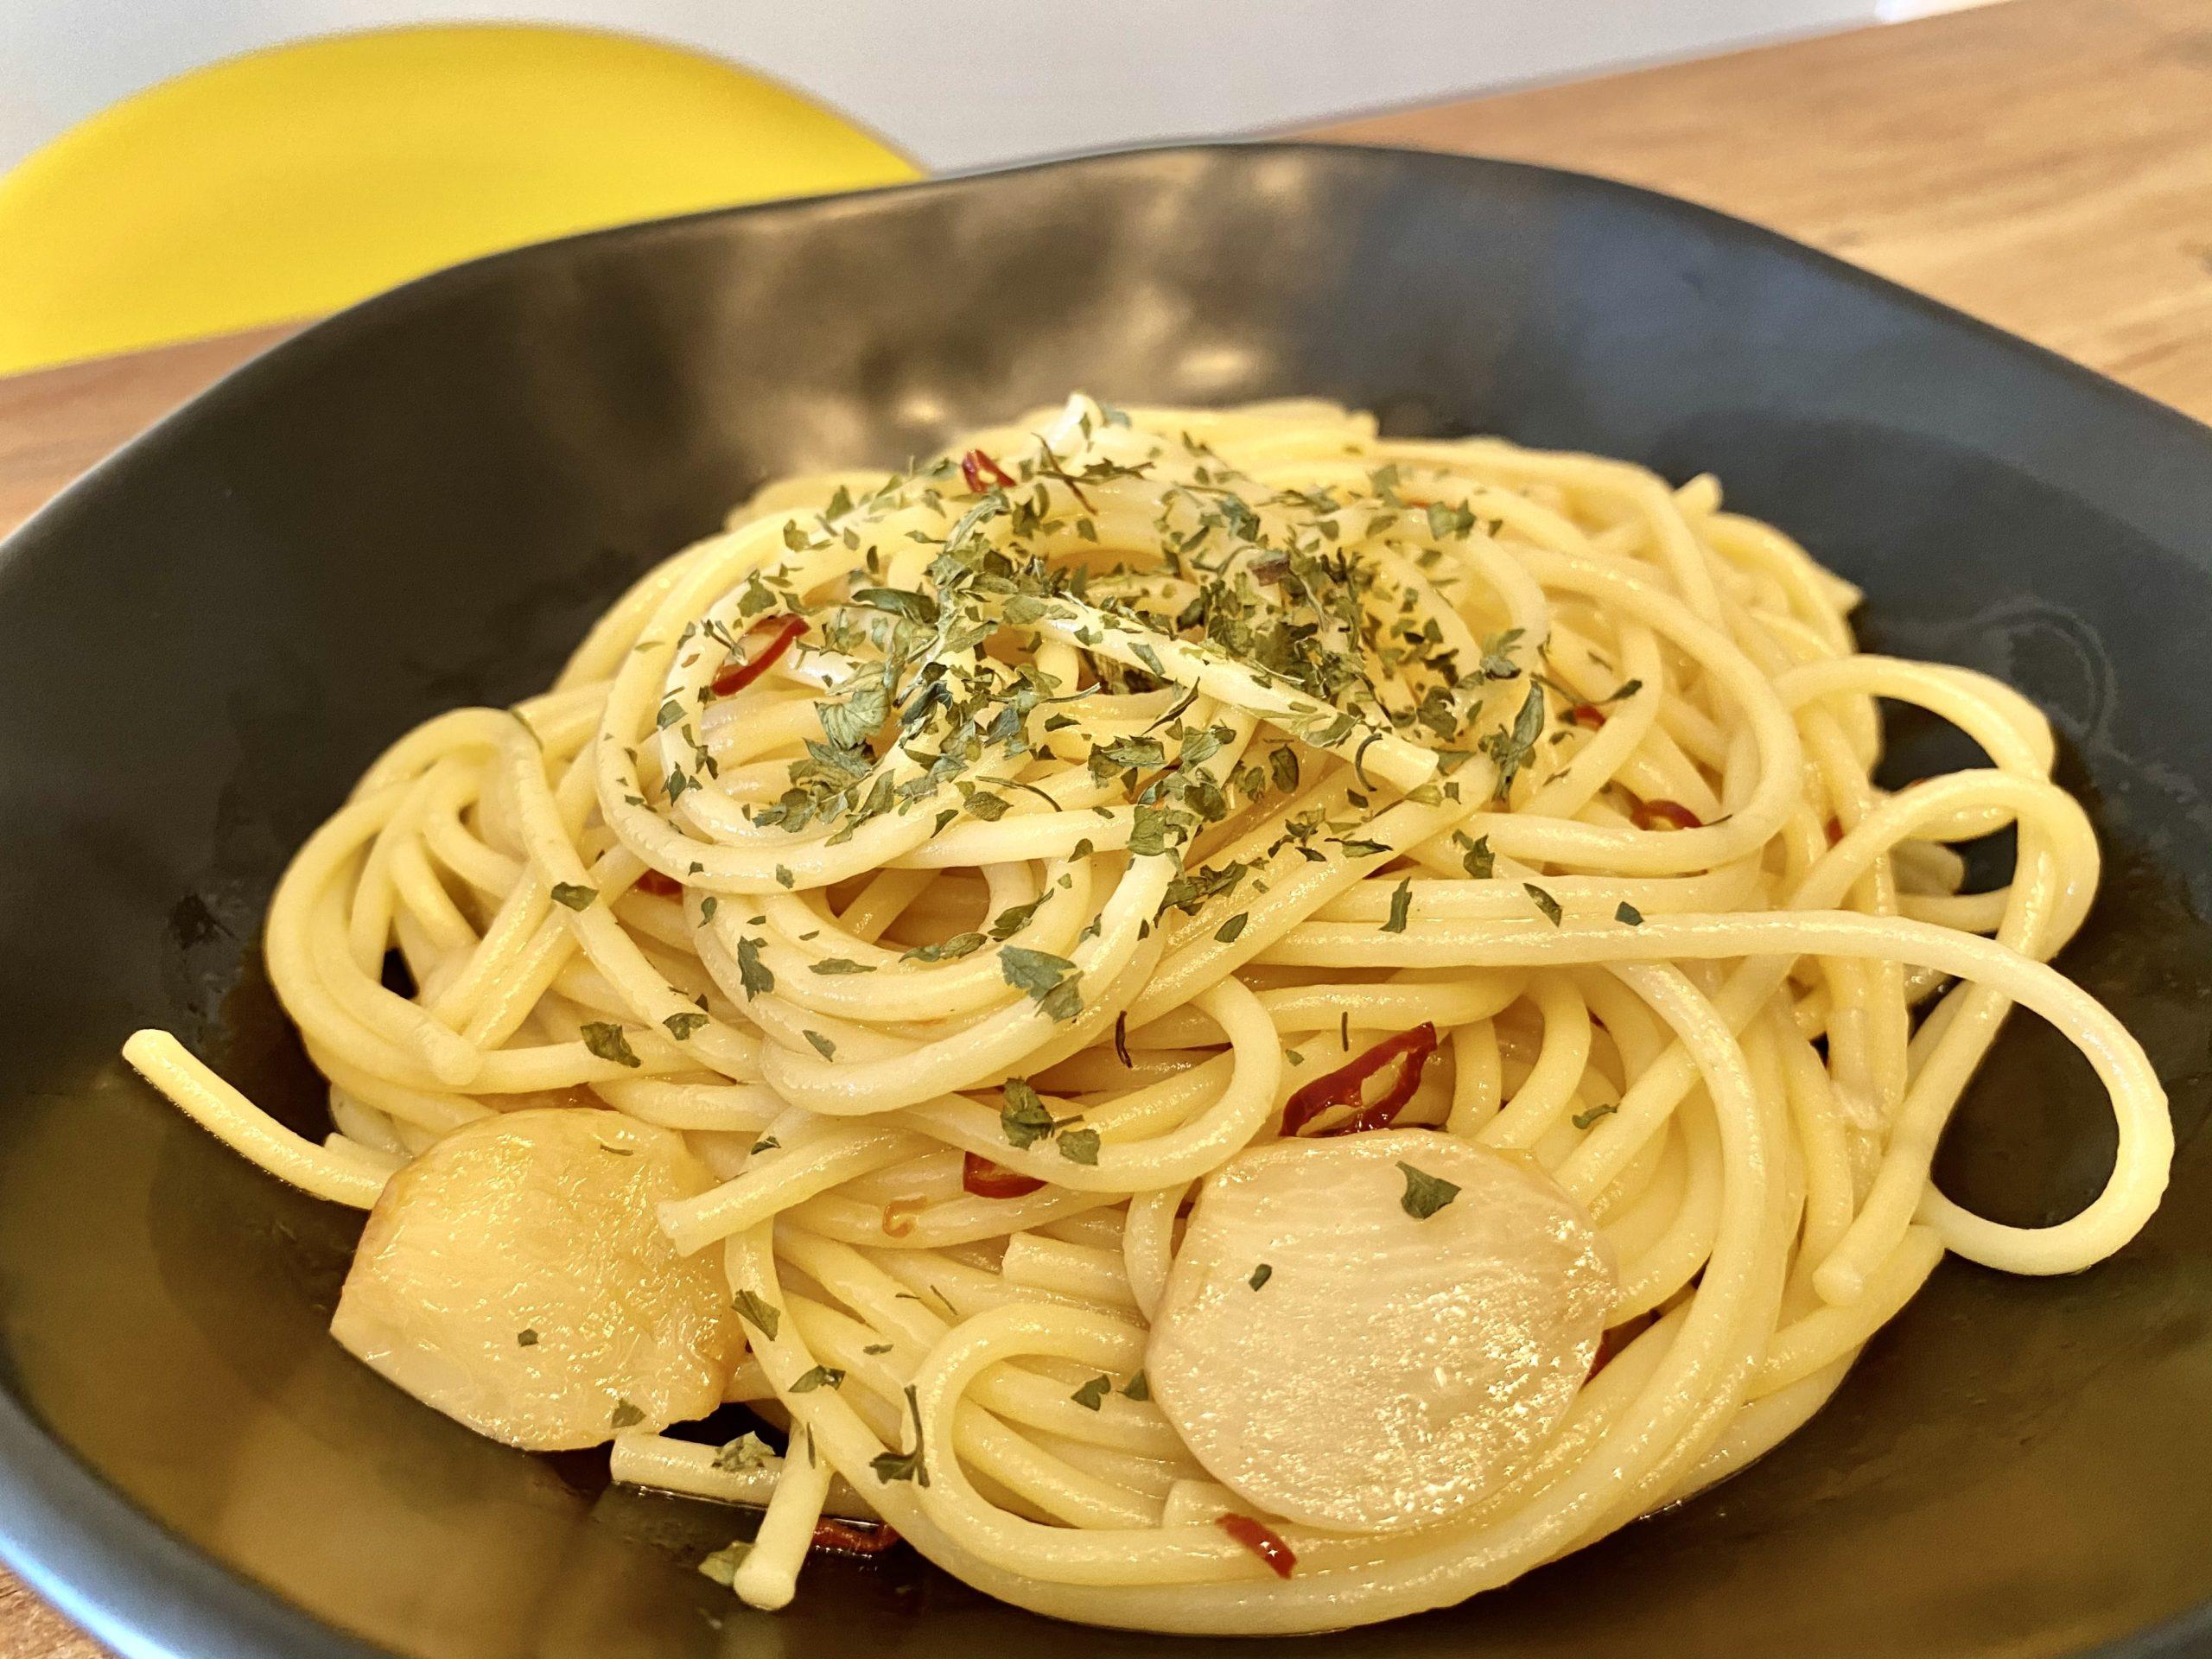 ふわっと香る!「ちょい足し醤油のペペロンチーノ」のレシピ